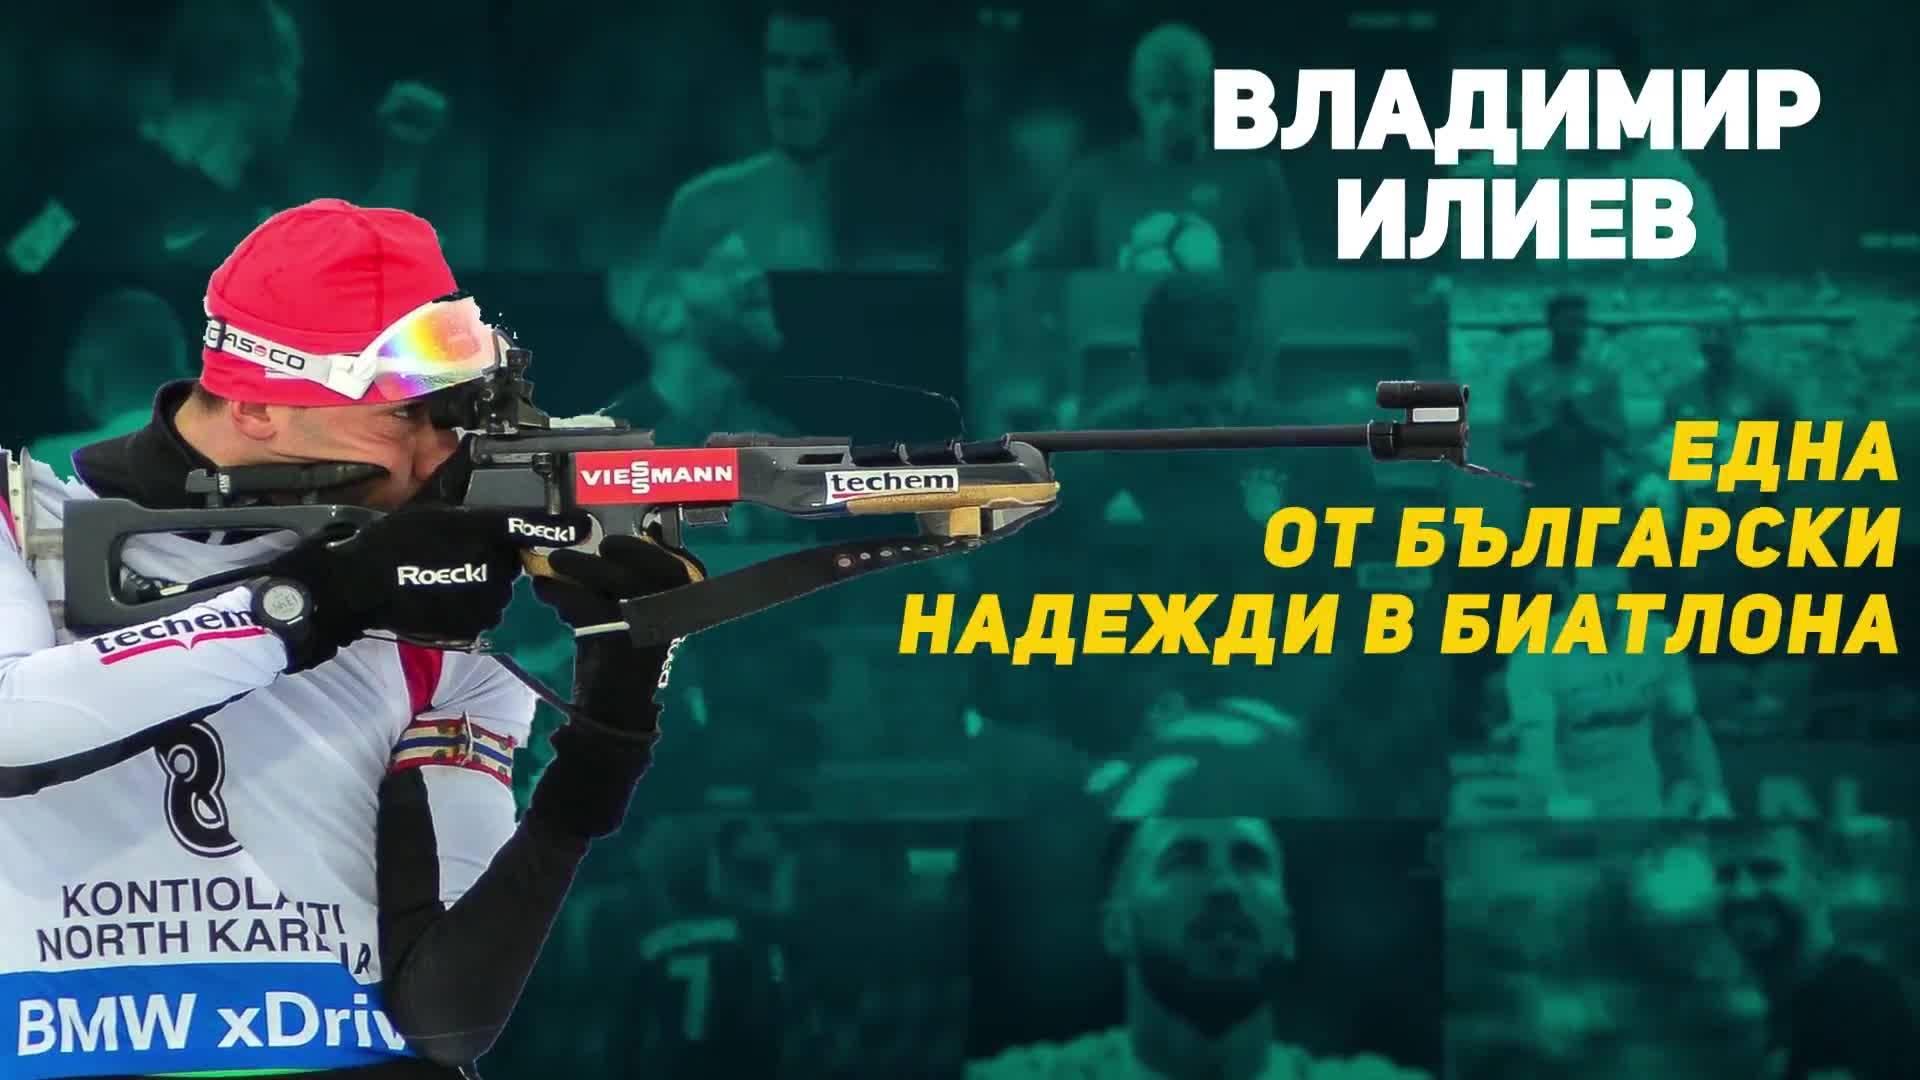 Владимир Илиев - една българска надежда в биатлона